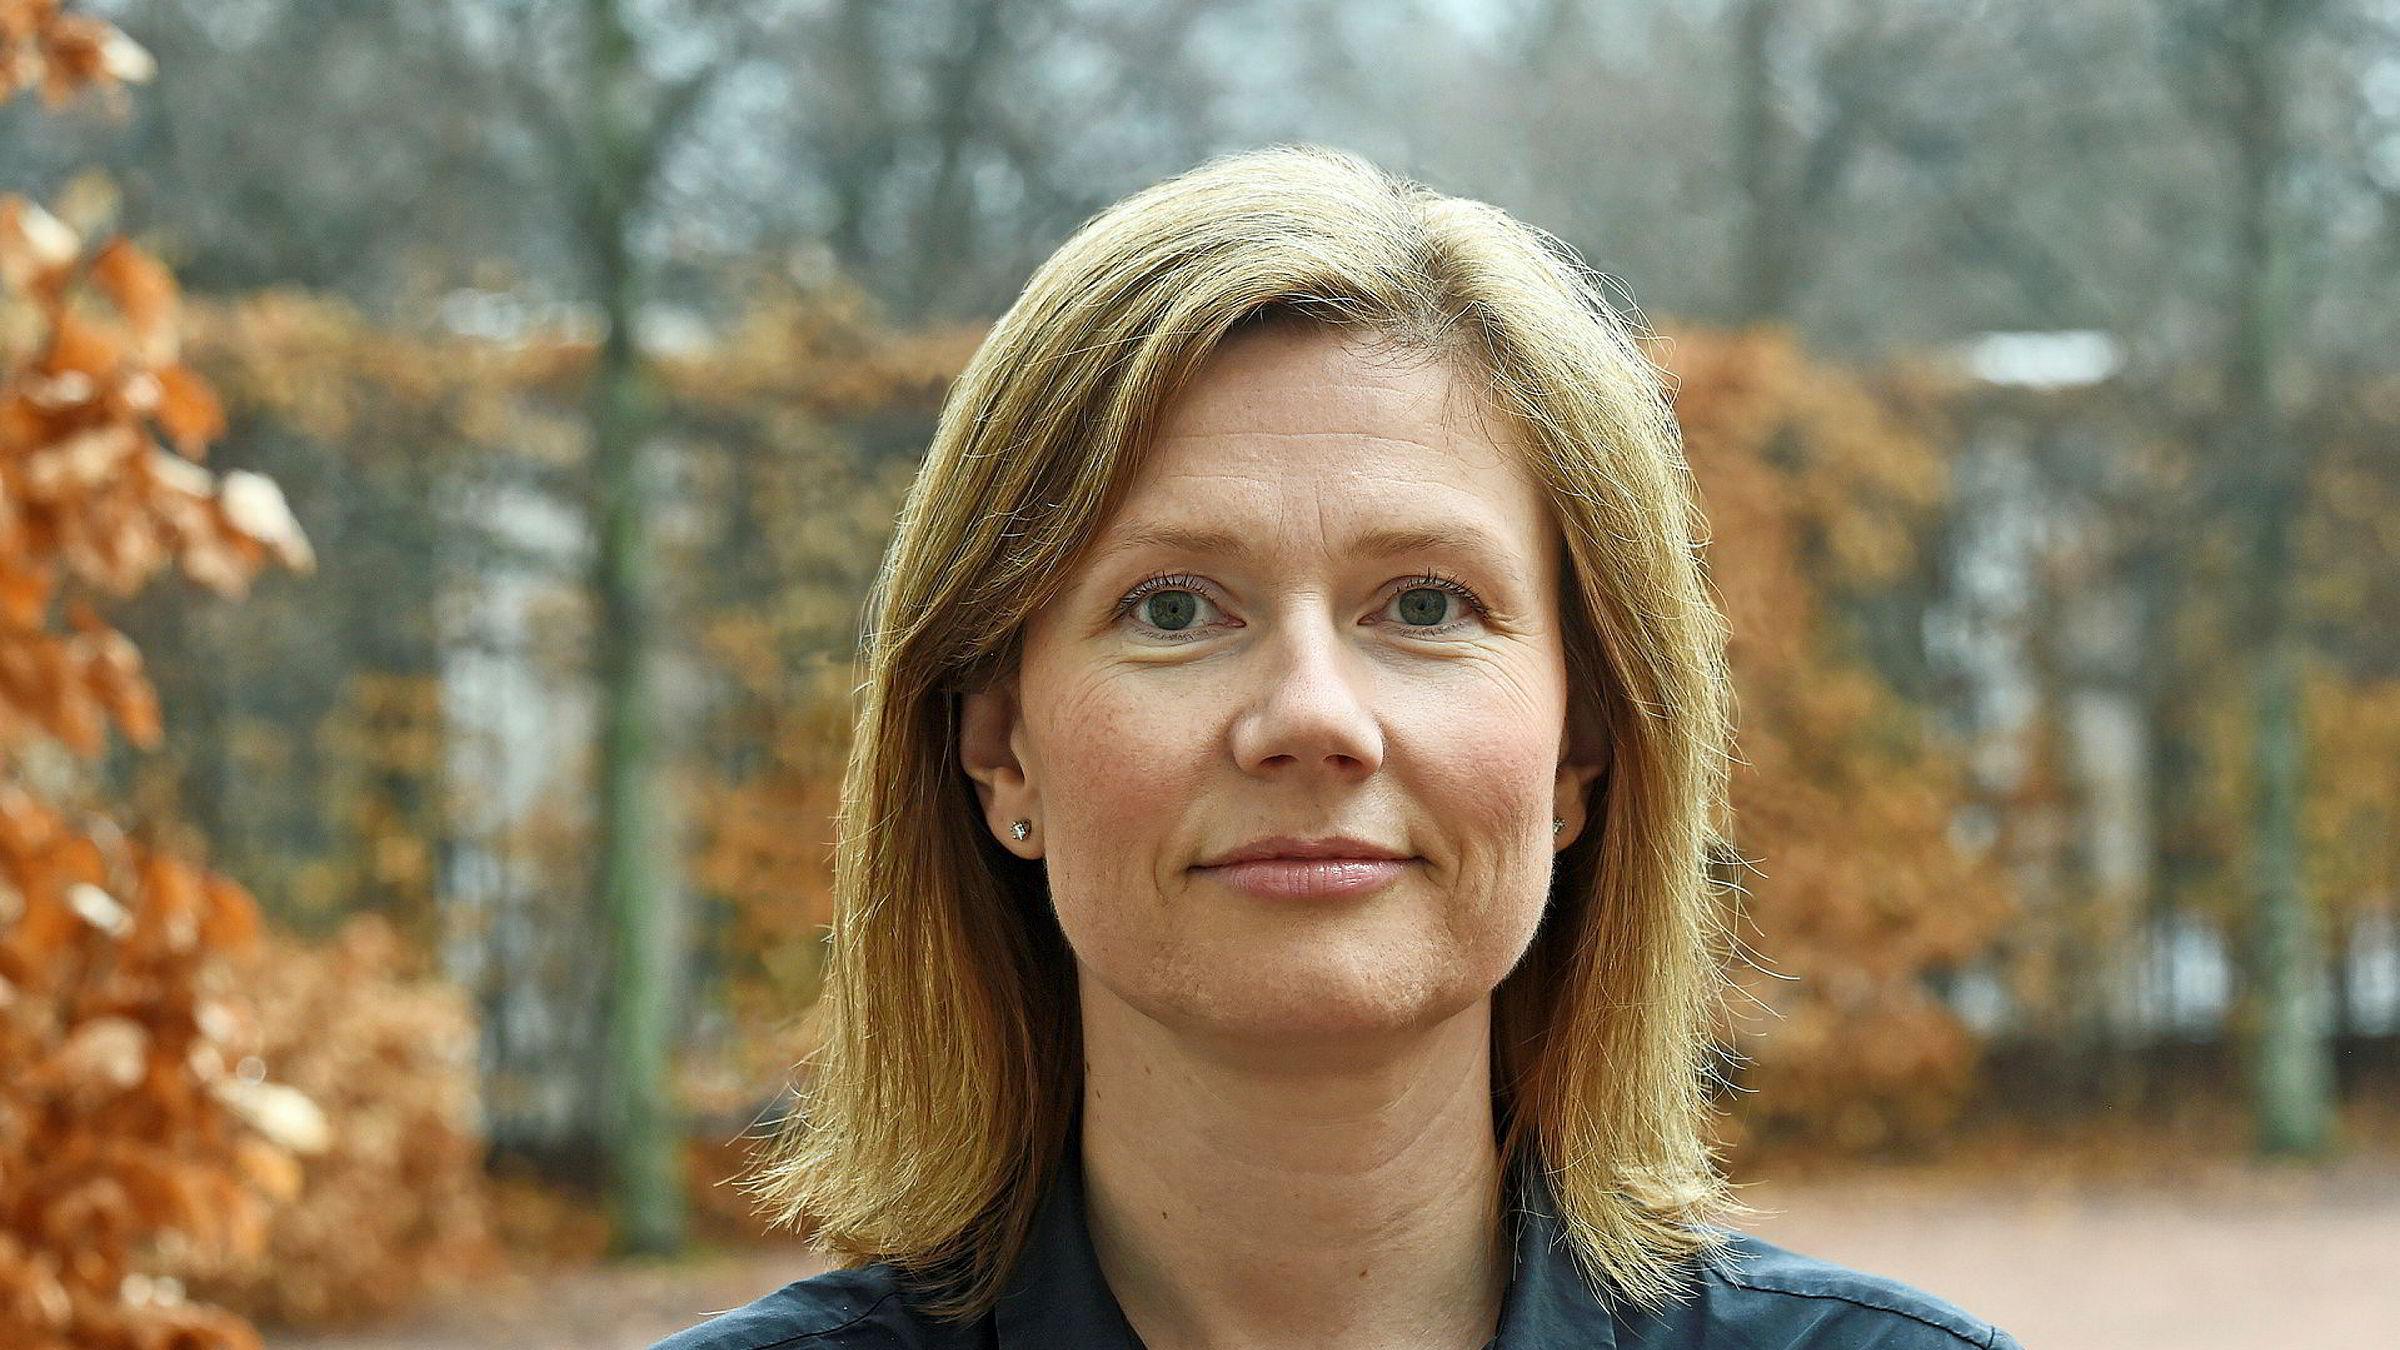 Guri Ofstad Varpe er ansatt som ny kommunikasjonssjef ved Det kongelige hoff. Hun har 20 år bak seg fra kommunikasjonsfaget.